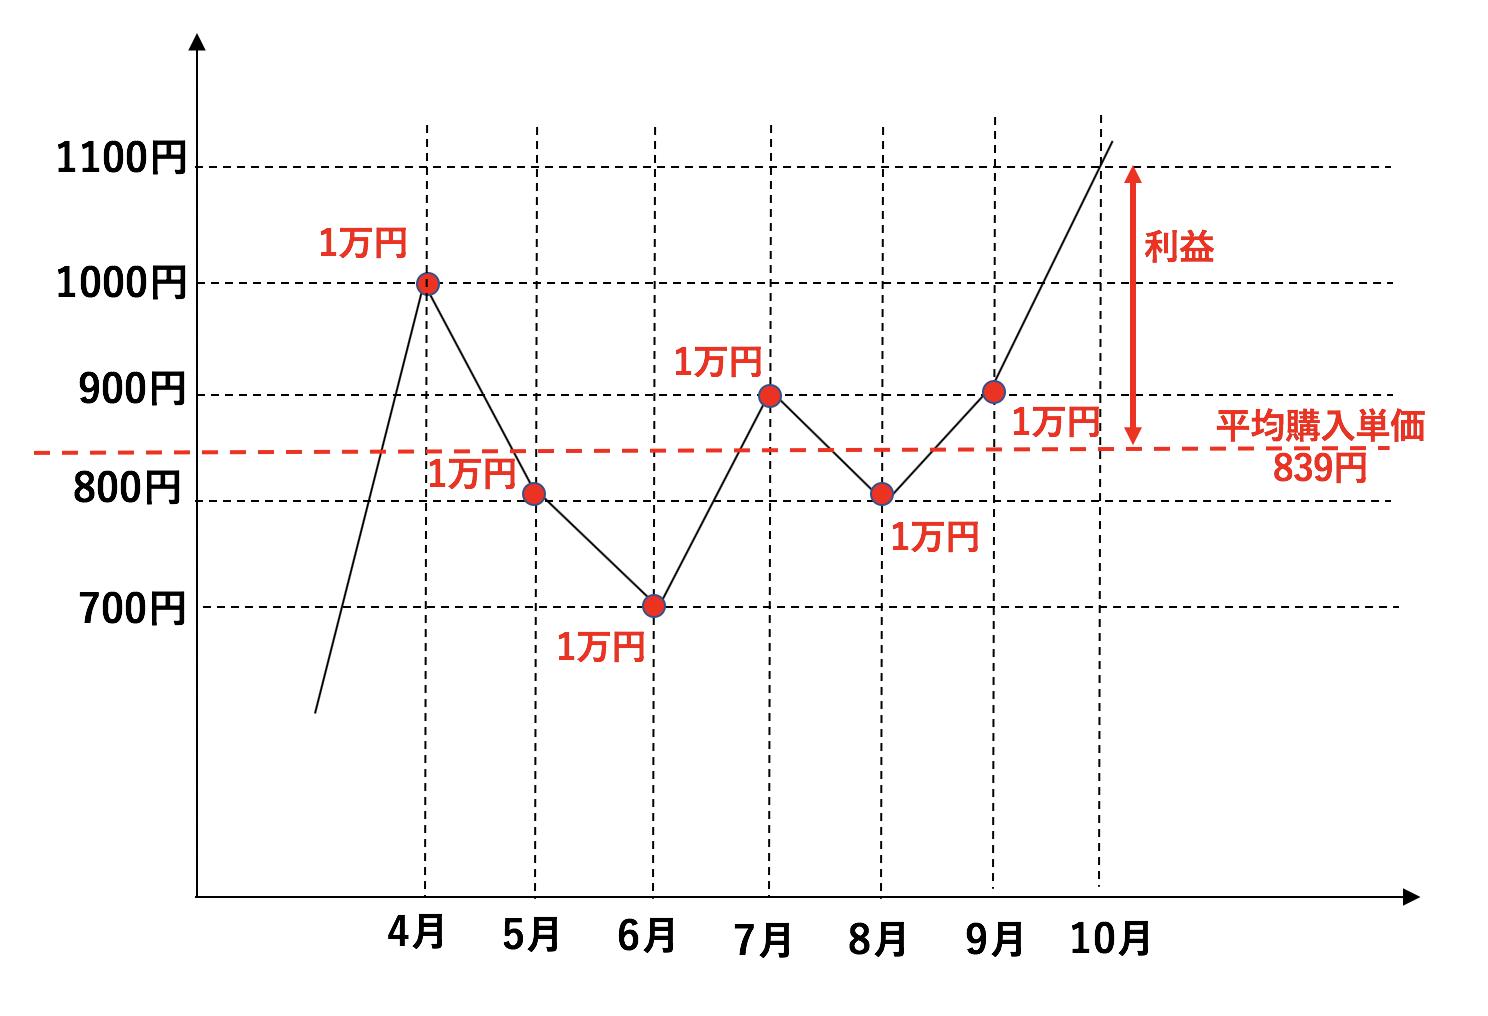 ドルコスト平均法のコストの平均化